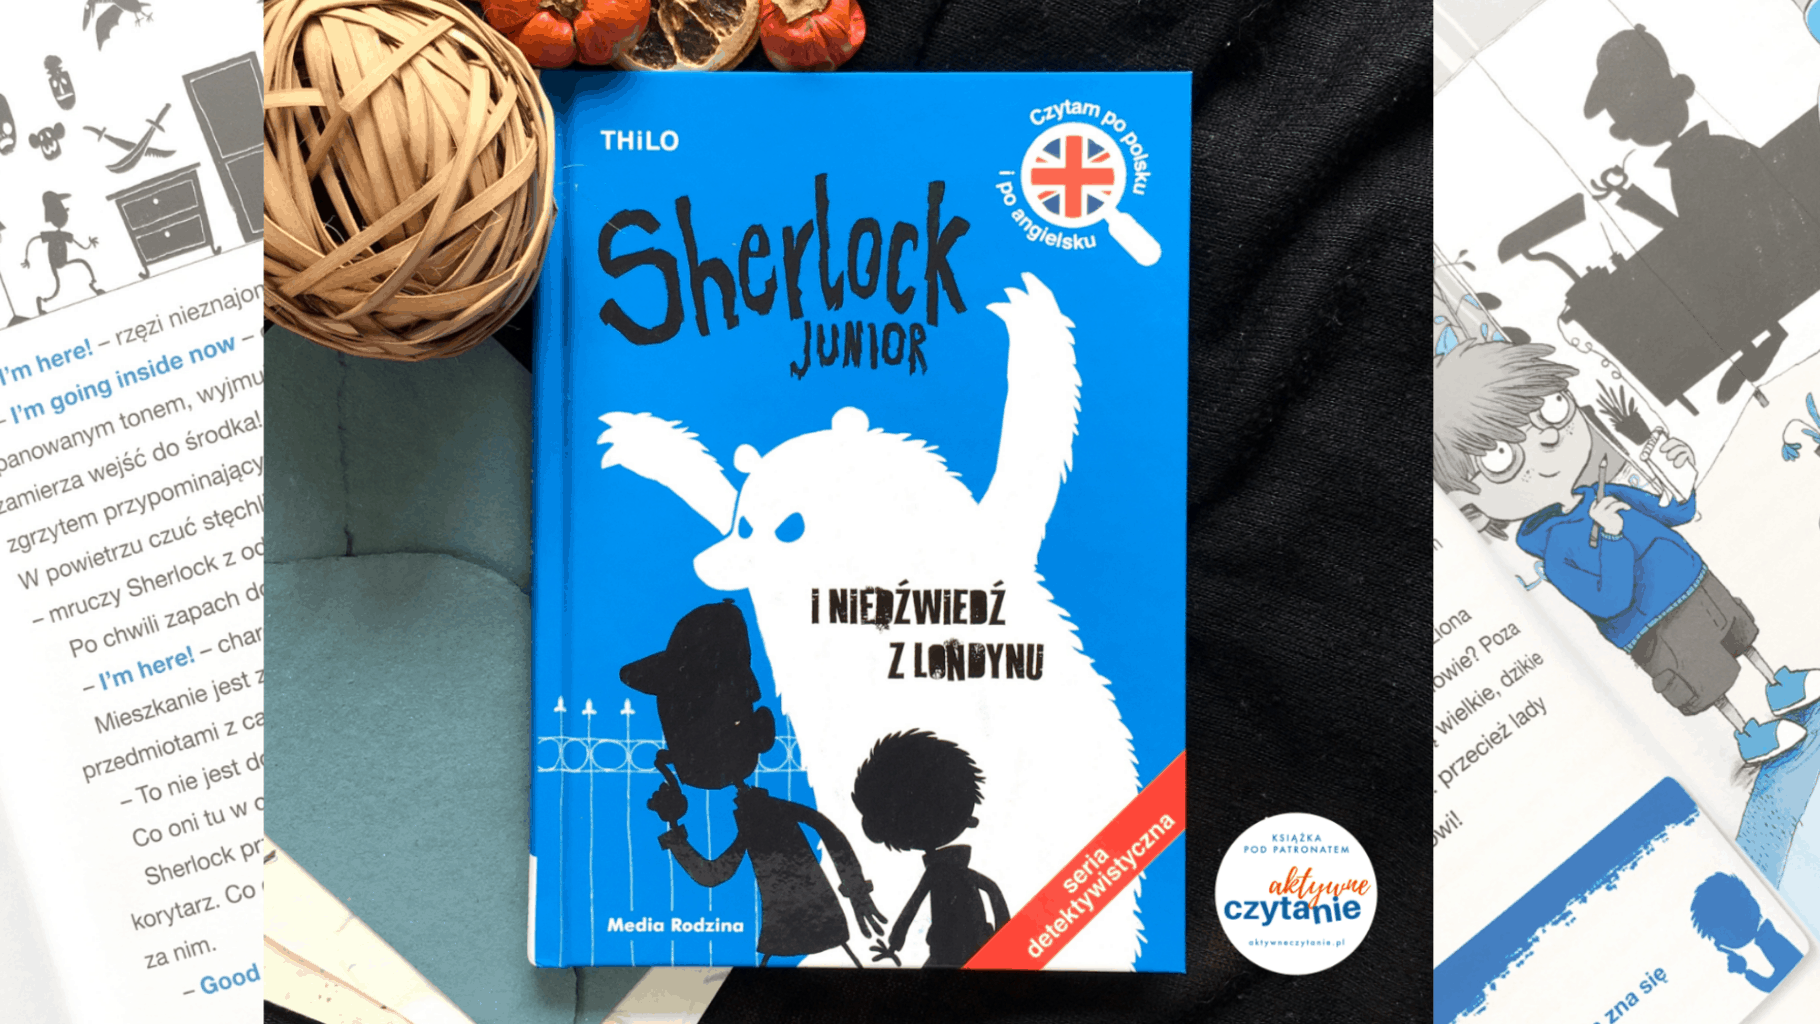 sherlock-junior-i-niedzwiedz-z-londynu-recenzja-nauka-angielskiego11